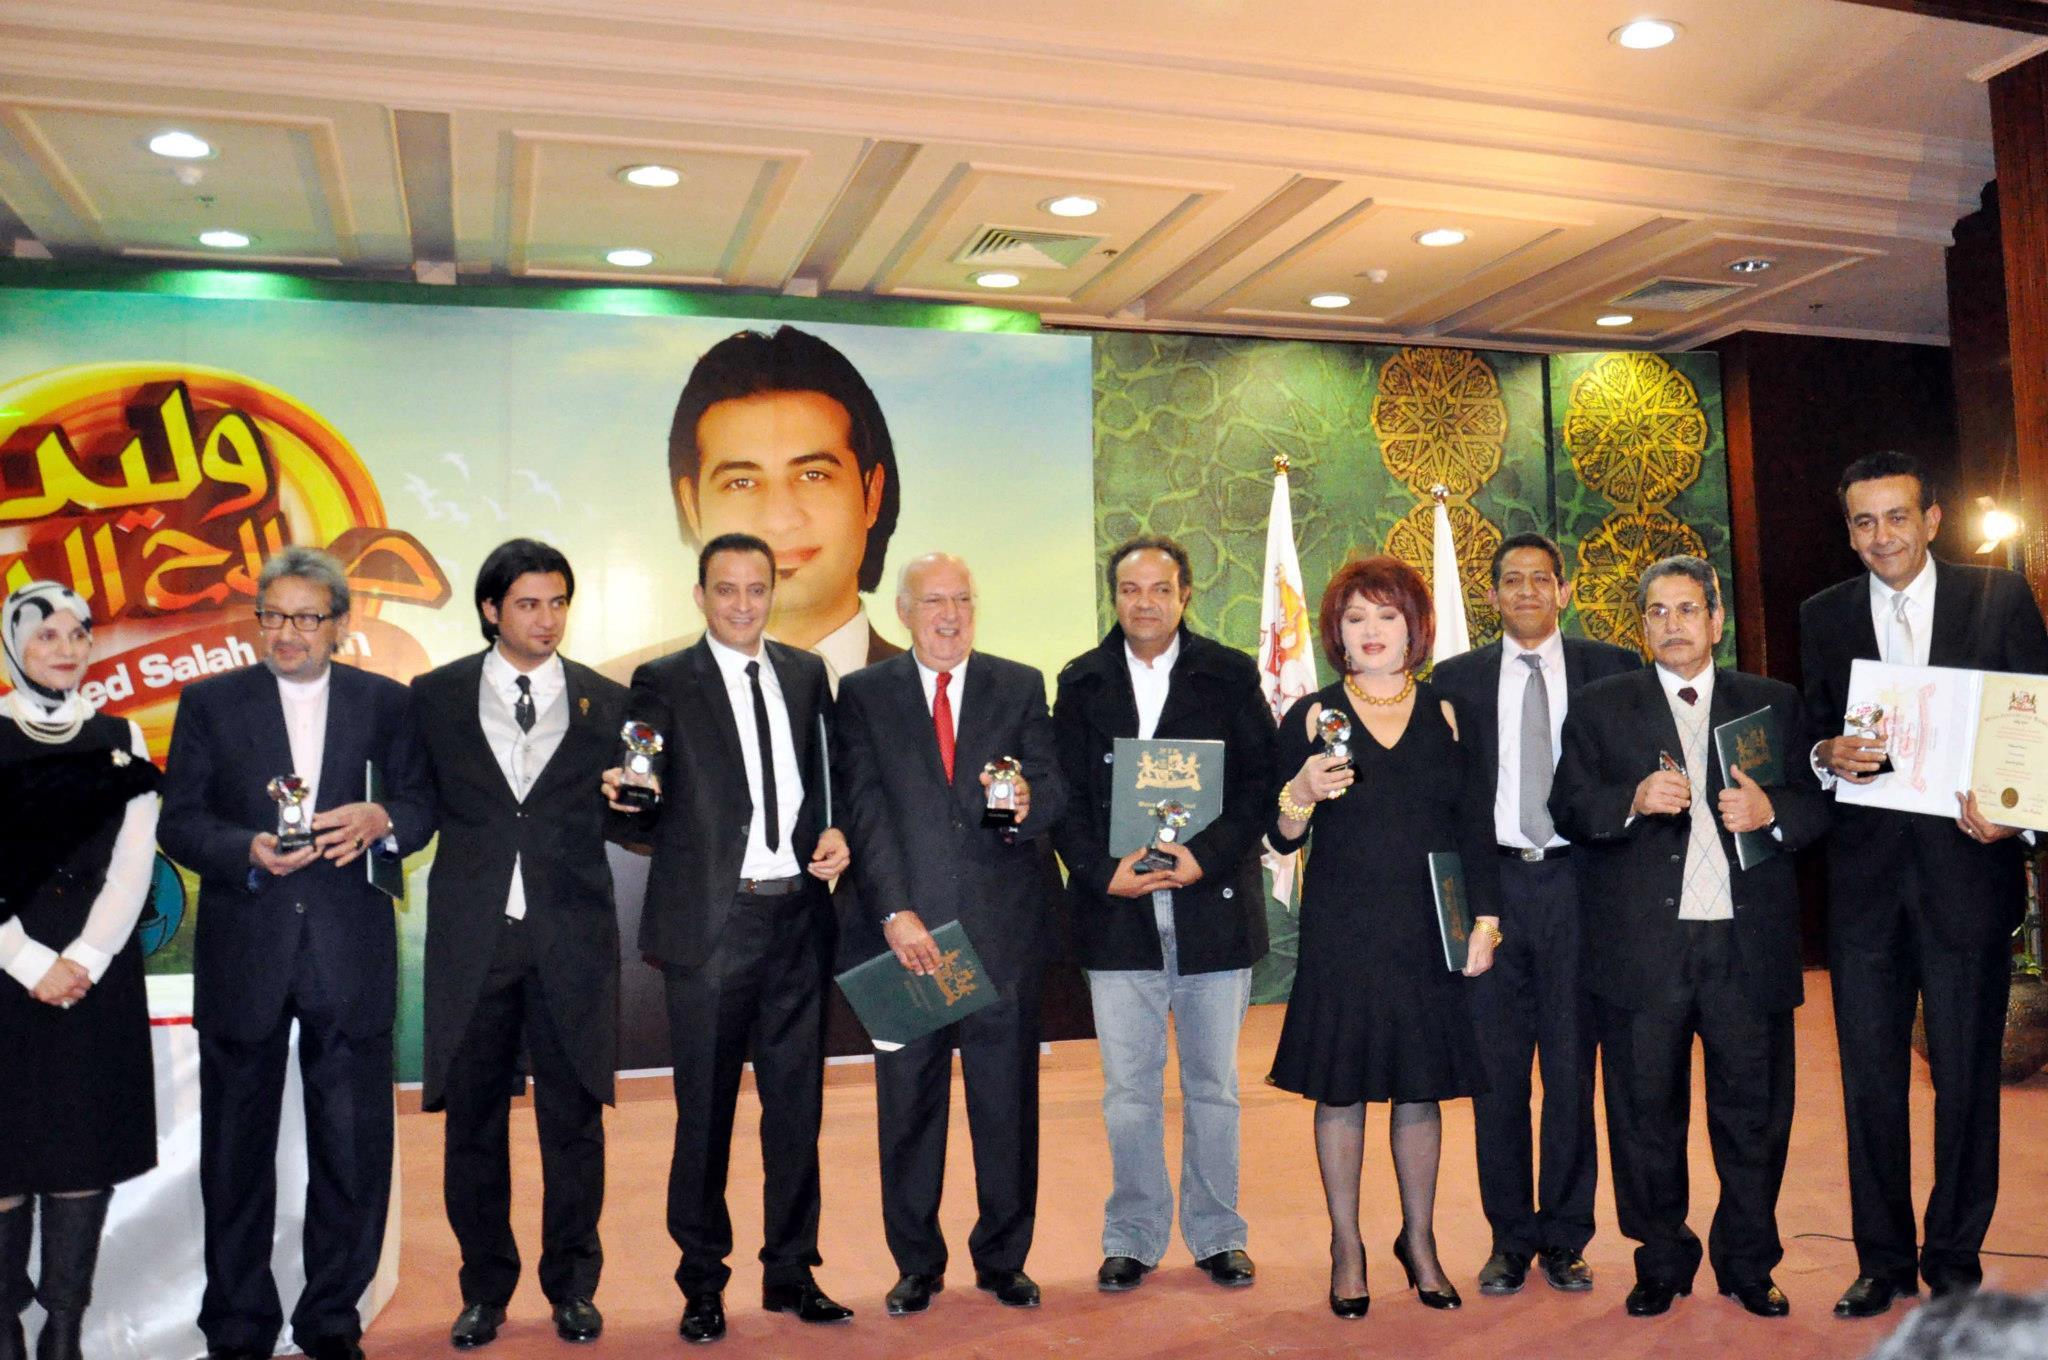 """تم تكريم الاعلام """"طارق علام"""" لحصولة على الجائزة الفخرية فى التنمية البشرية من """"جامعة ويليز البريطانية"""" ."""